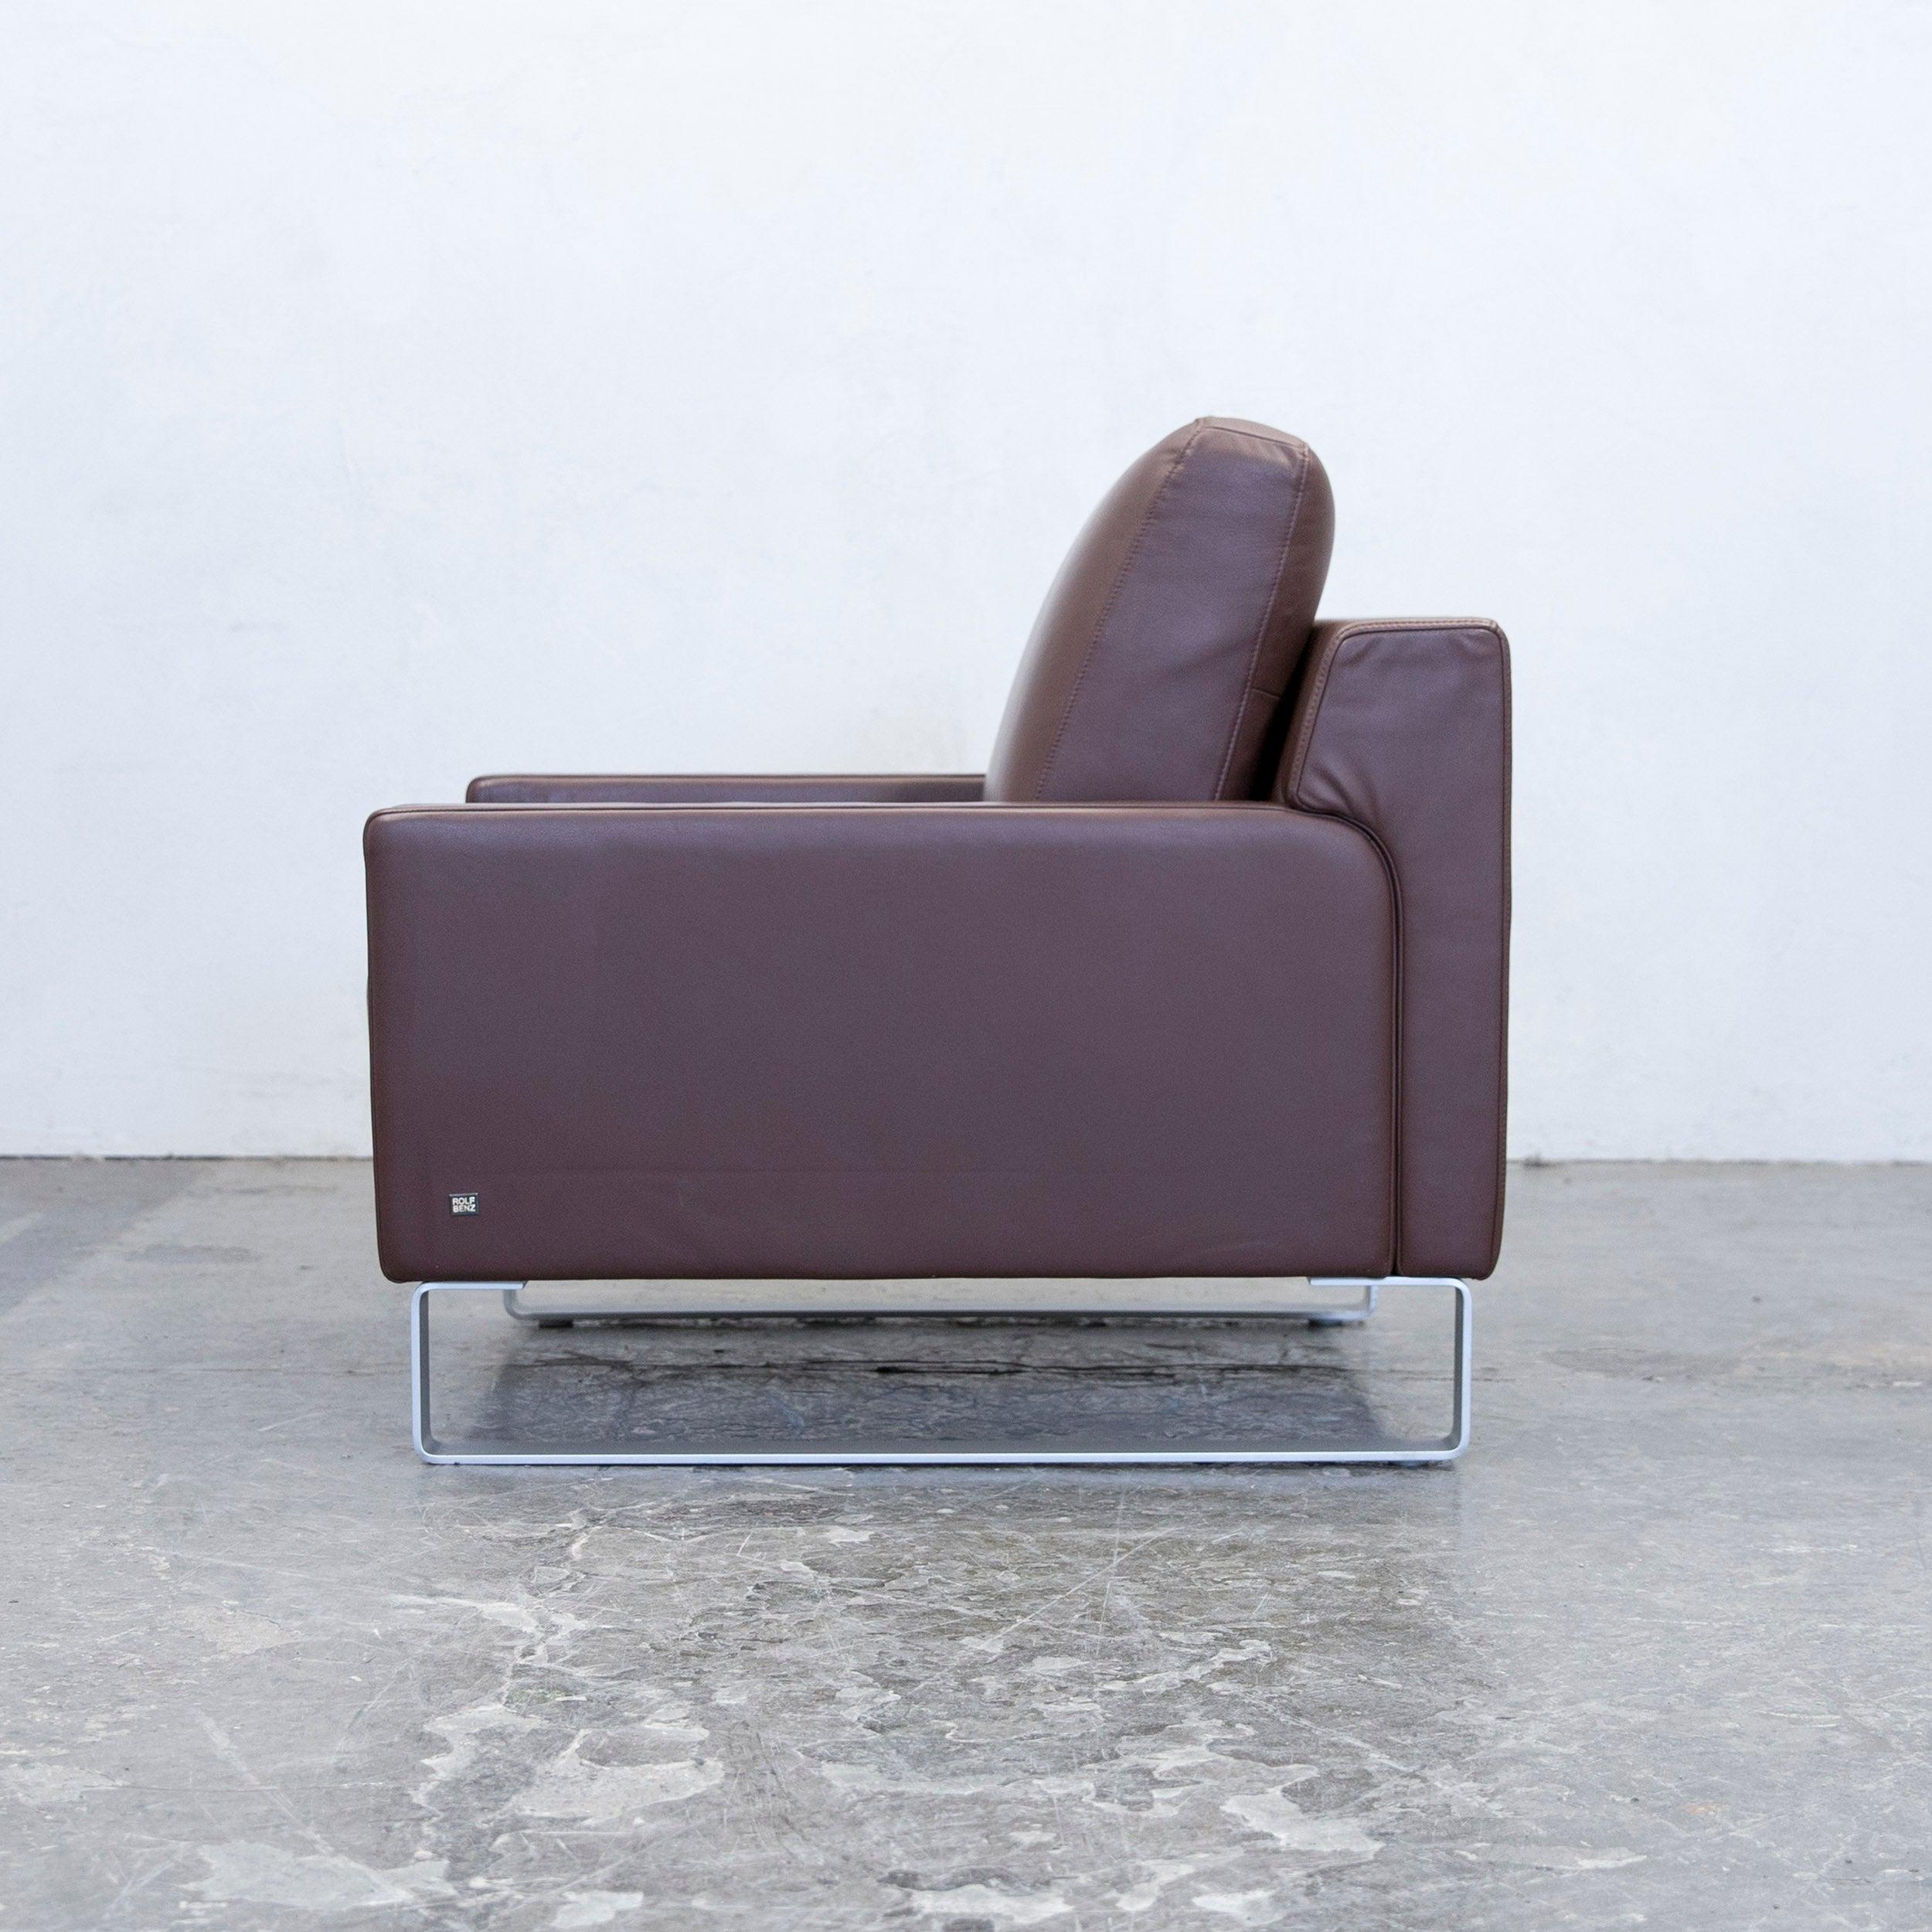 Einzigartig Couch Braun Leder Foto Von Cool Rolf Benz Ego Designer Armchair Leather